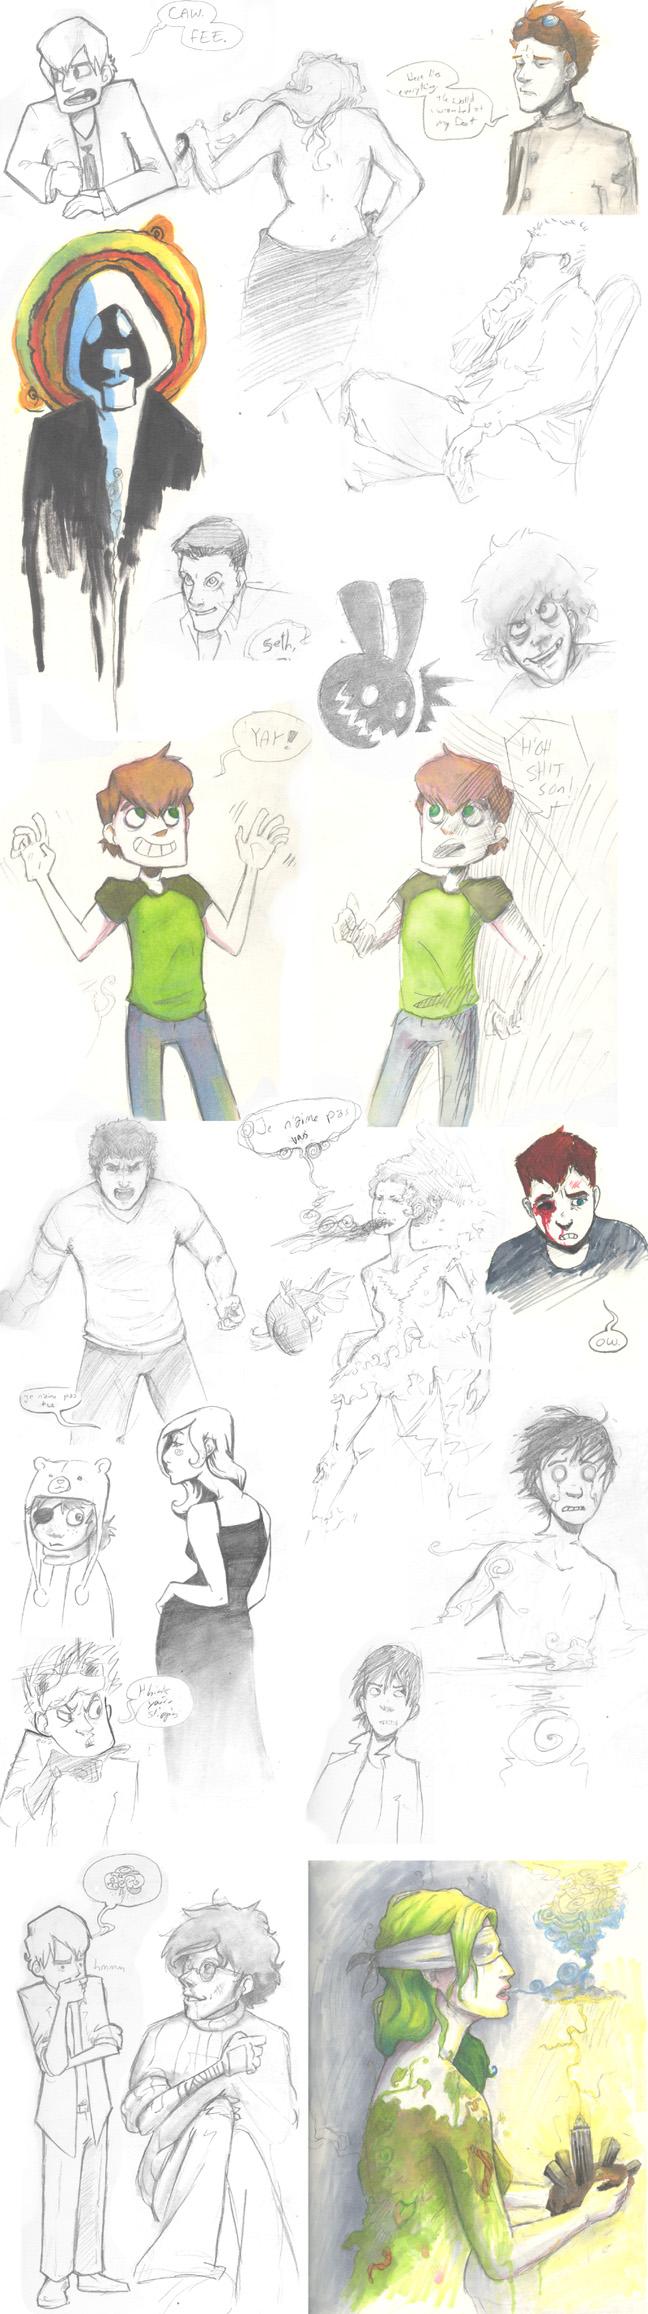 Maia Gross Cartoon Illustration